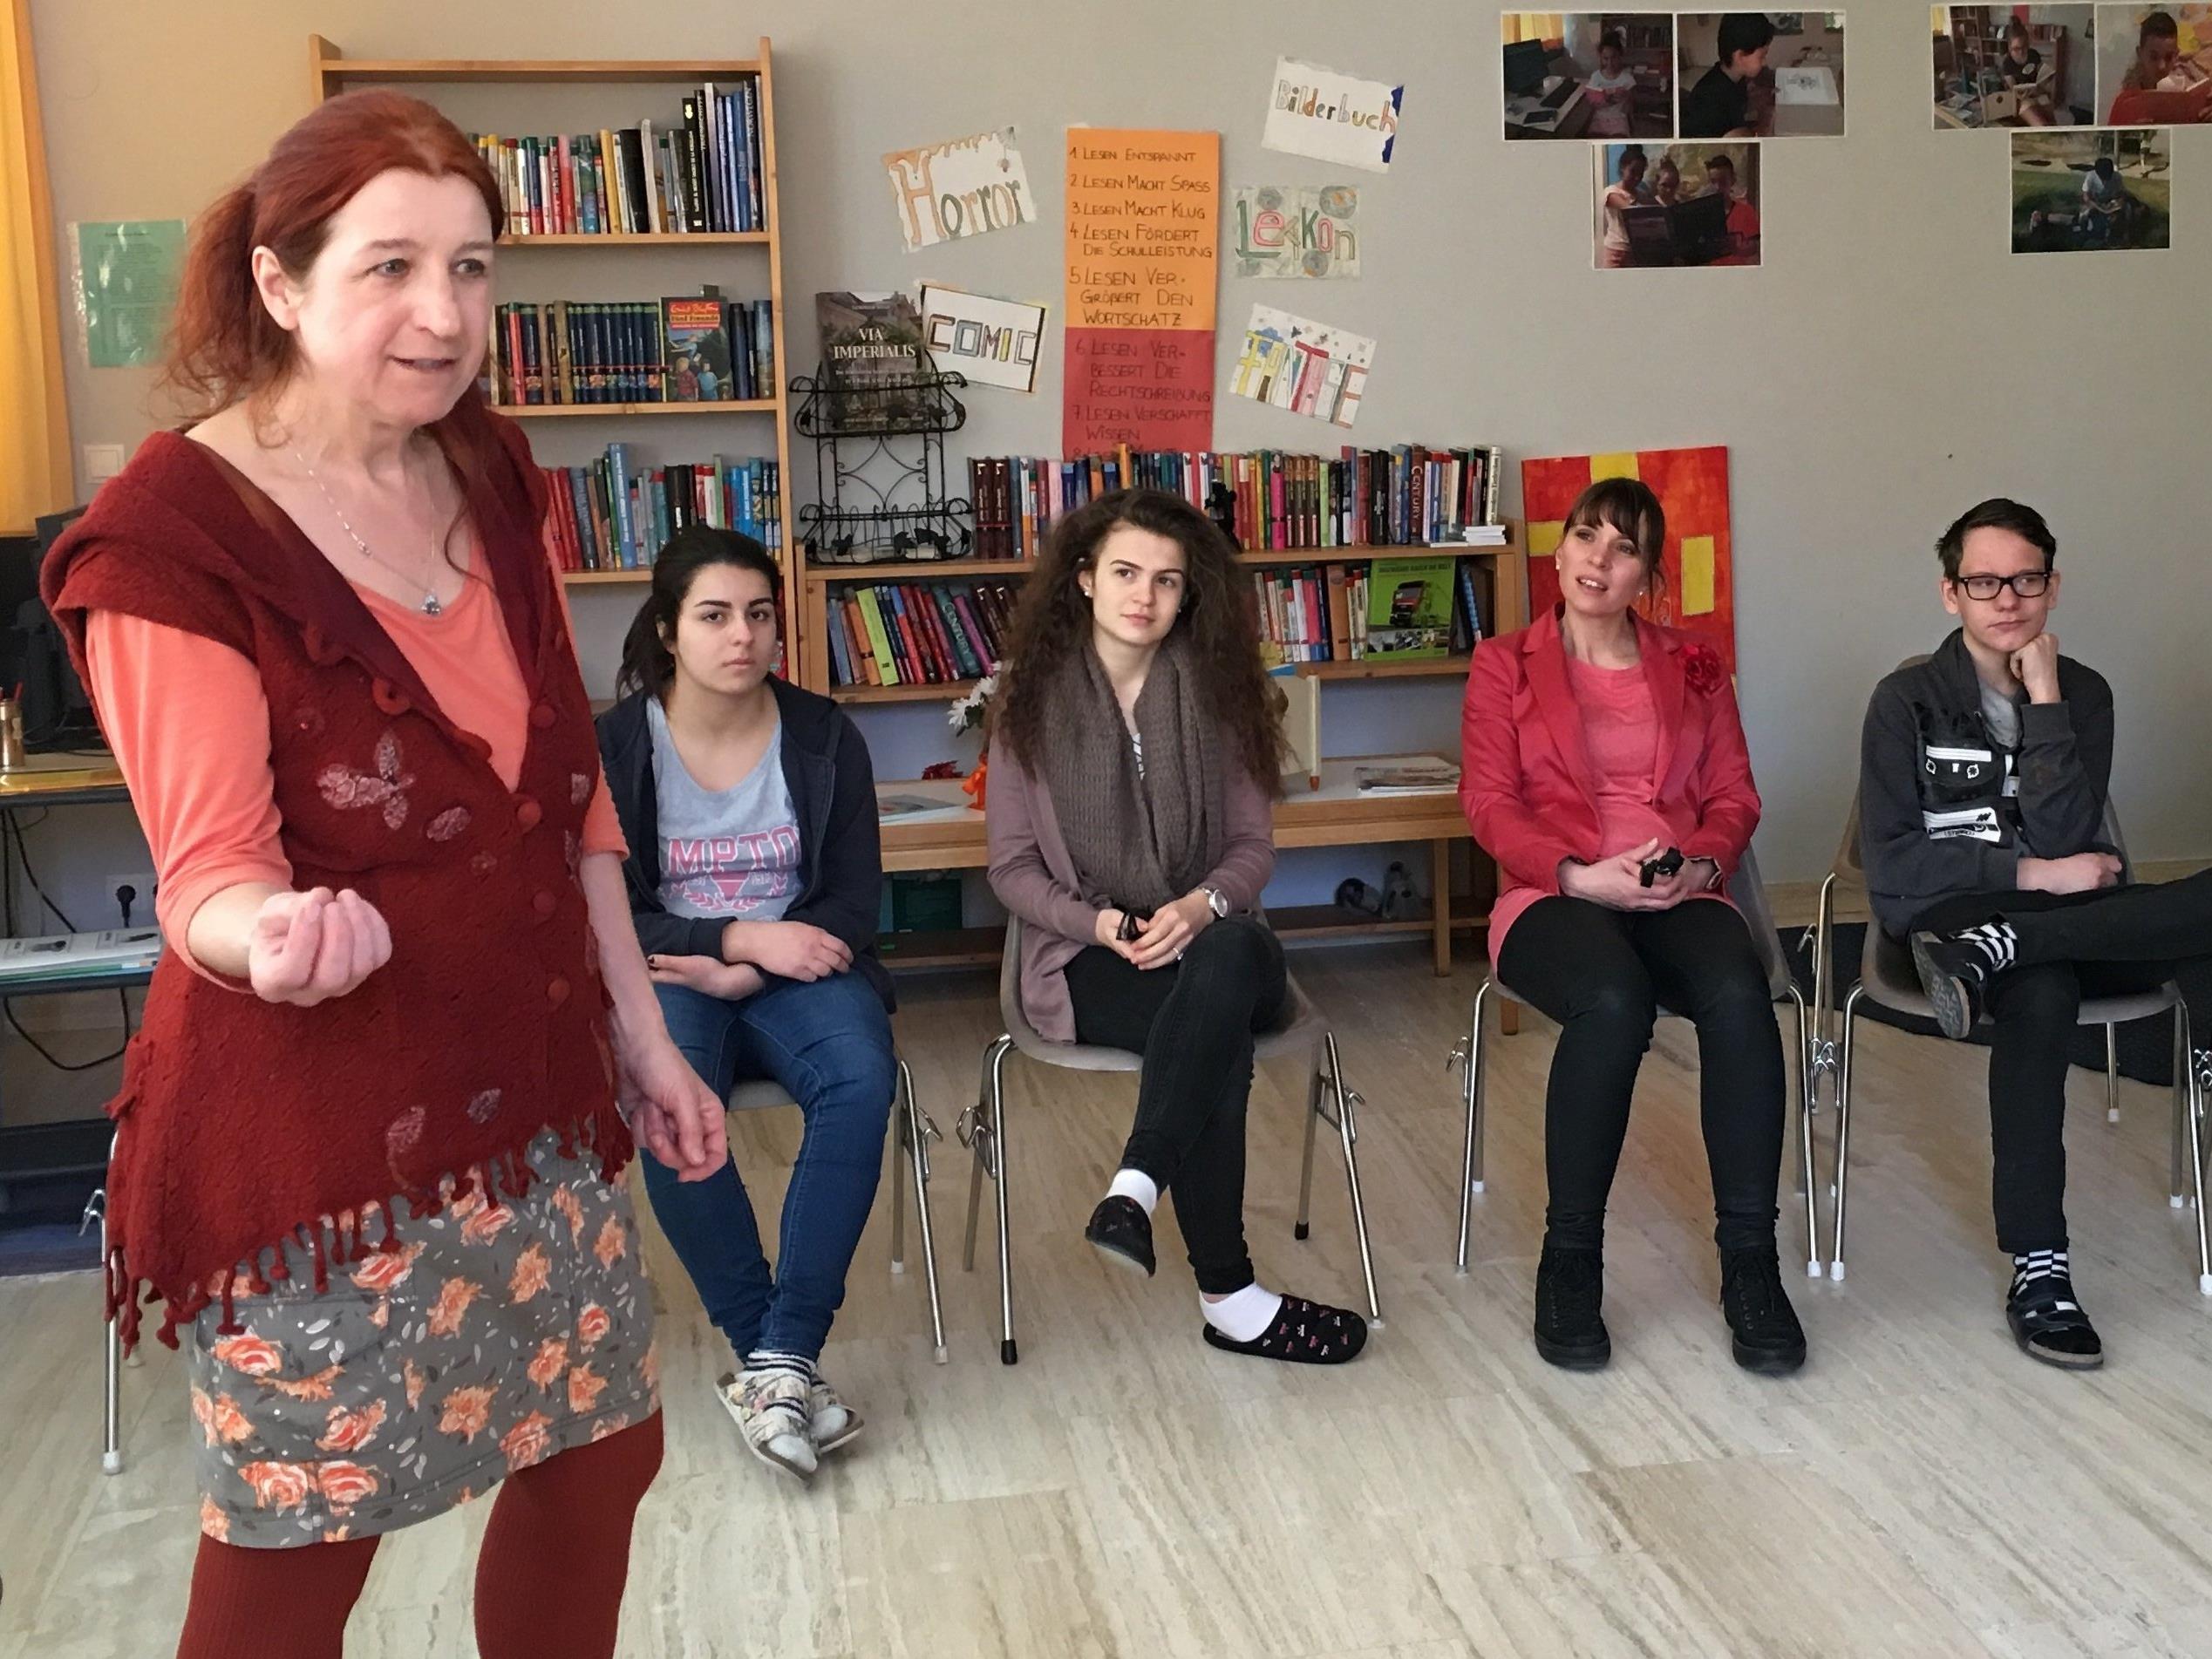 """Zu Gast am """"Vorarlberger Lesetag"""" in der Mittelschule Lochau war die bekannte Vorarlberger Geschichtenerzählerin Herta Glück."""